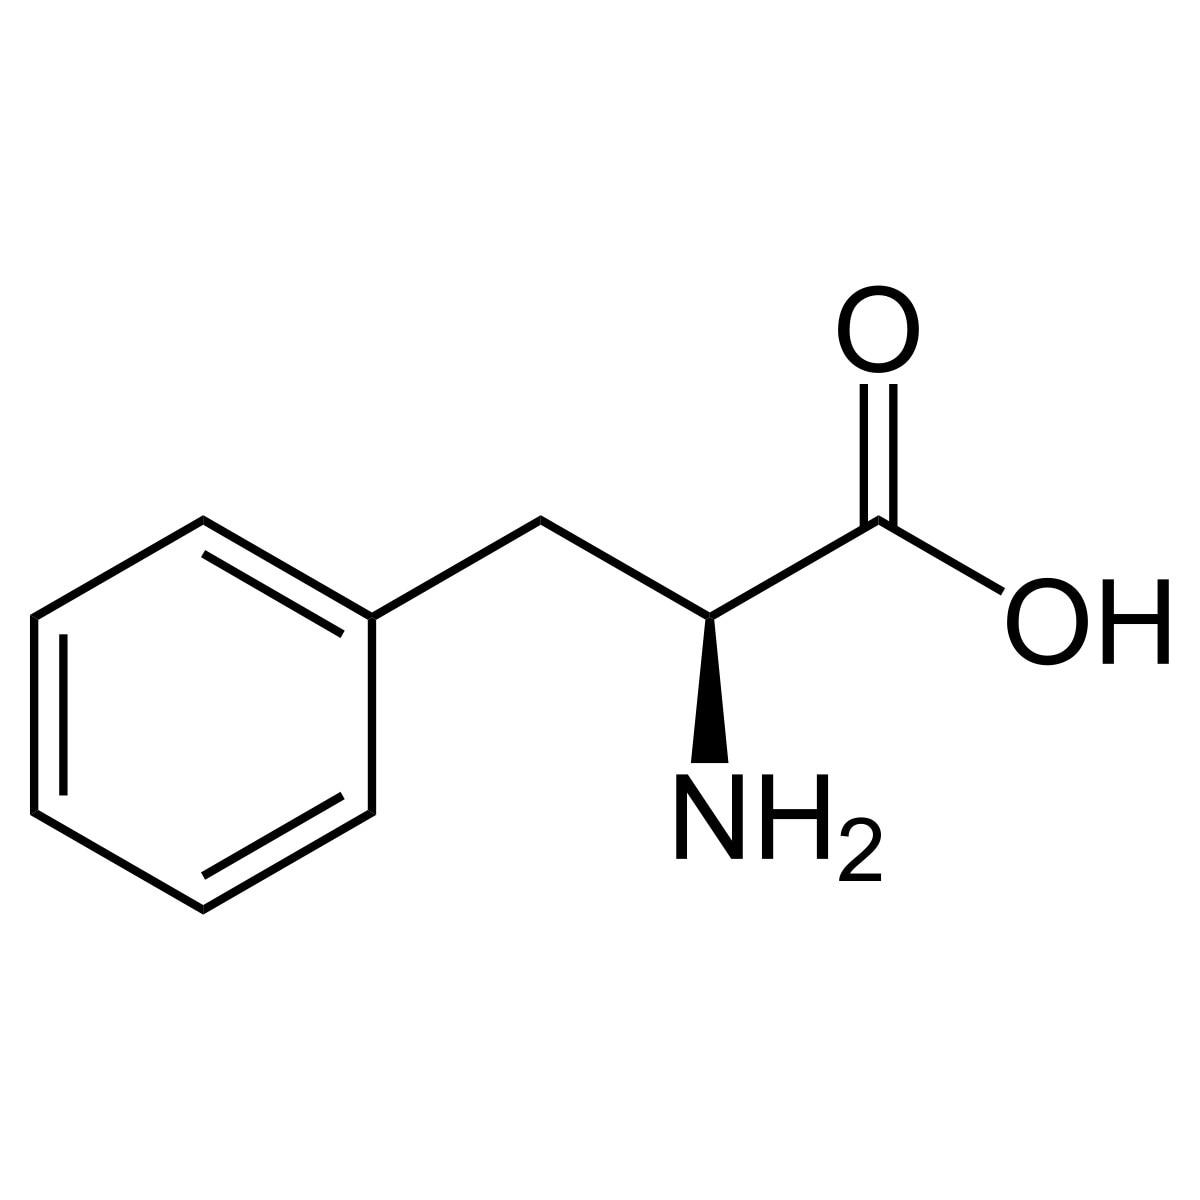 Rolul aminoacizilor în slăbit - ajută sau nu? Rainz Protocol - Aminoacizi